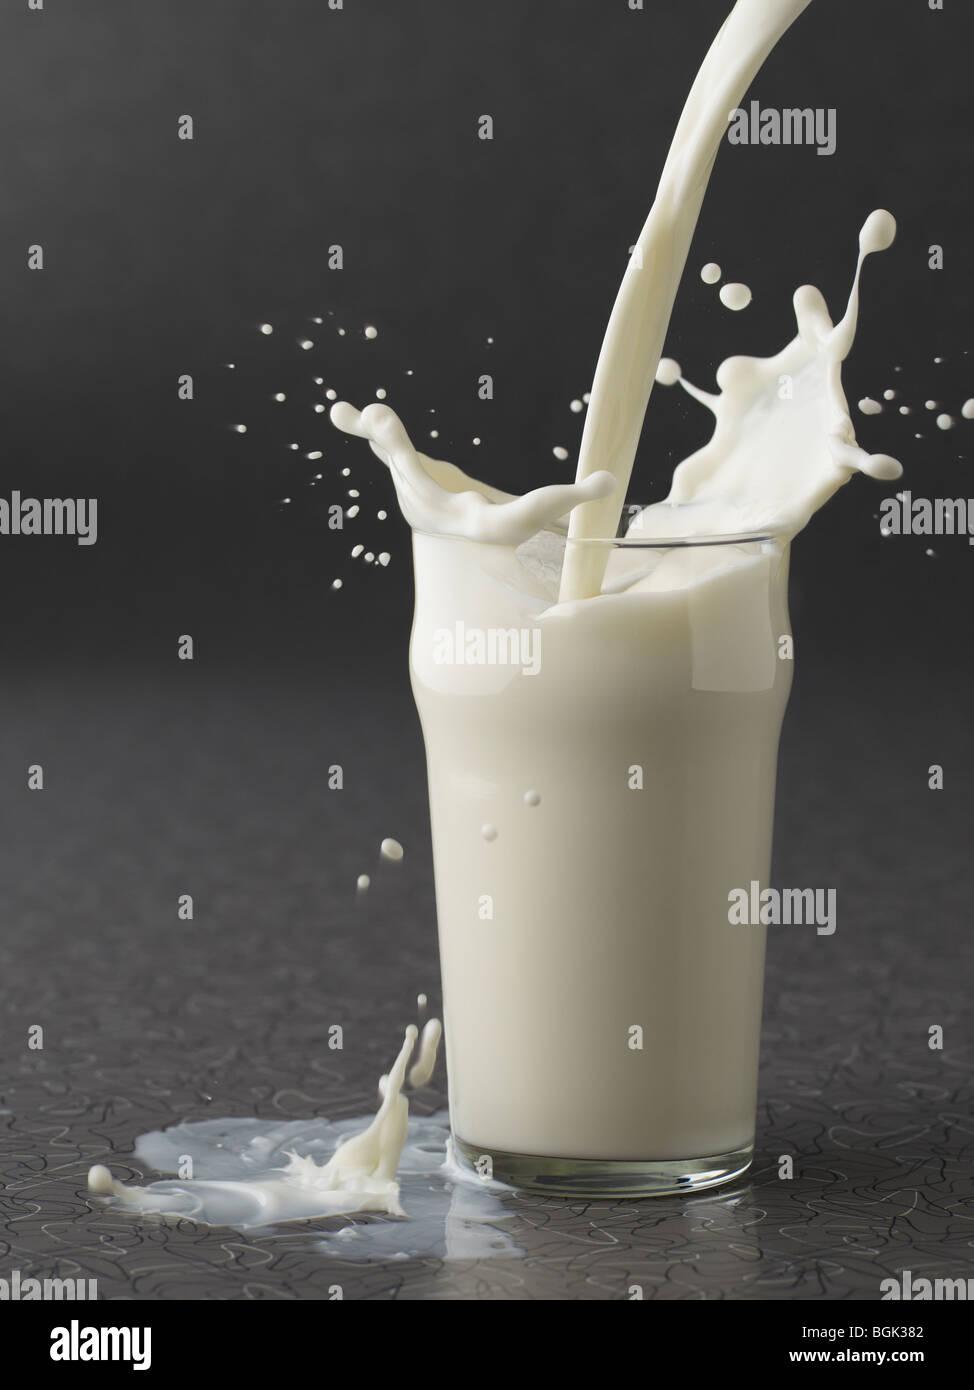 Verter la leche en el vaso sobre fondo gris Imagen De Stock